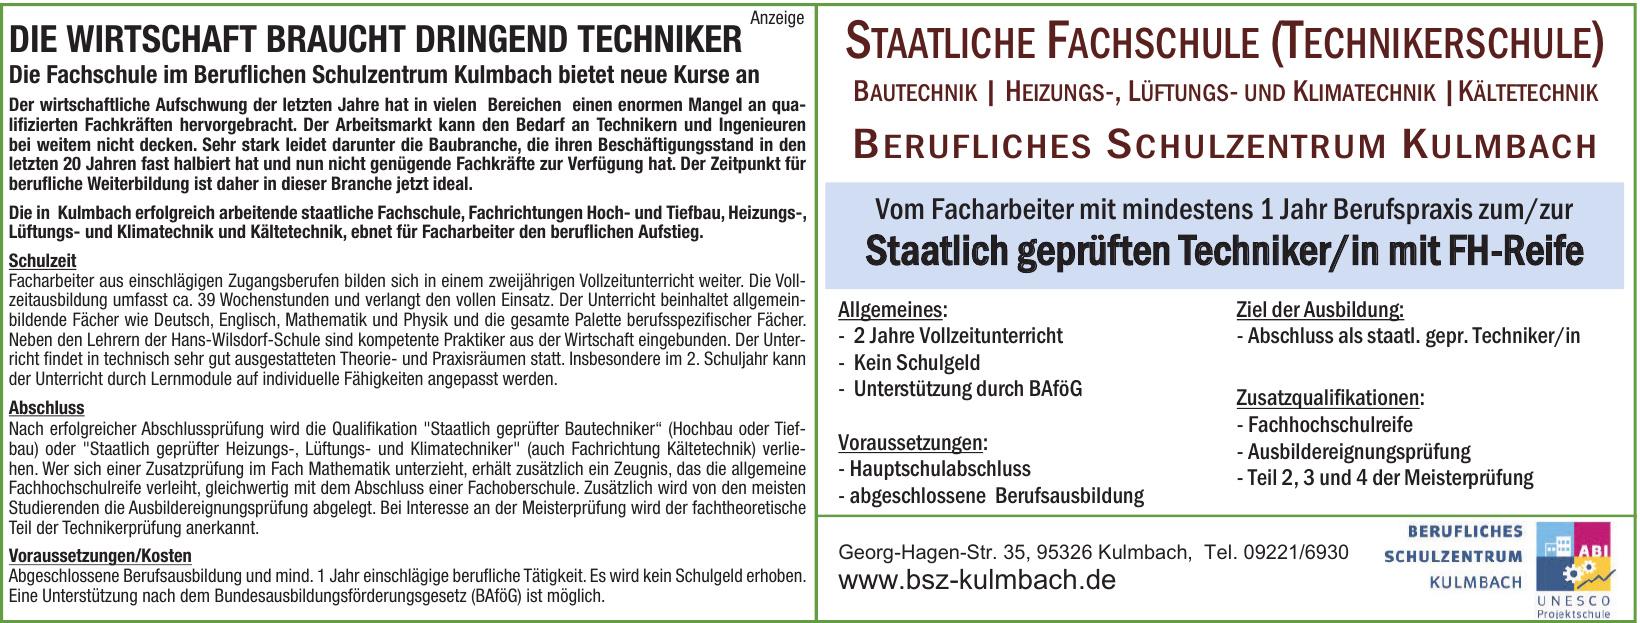 Berufliches Schulzentrum Kulmbach